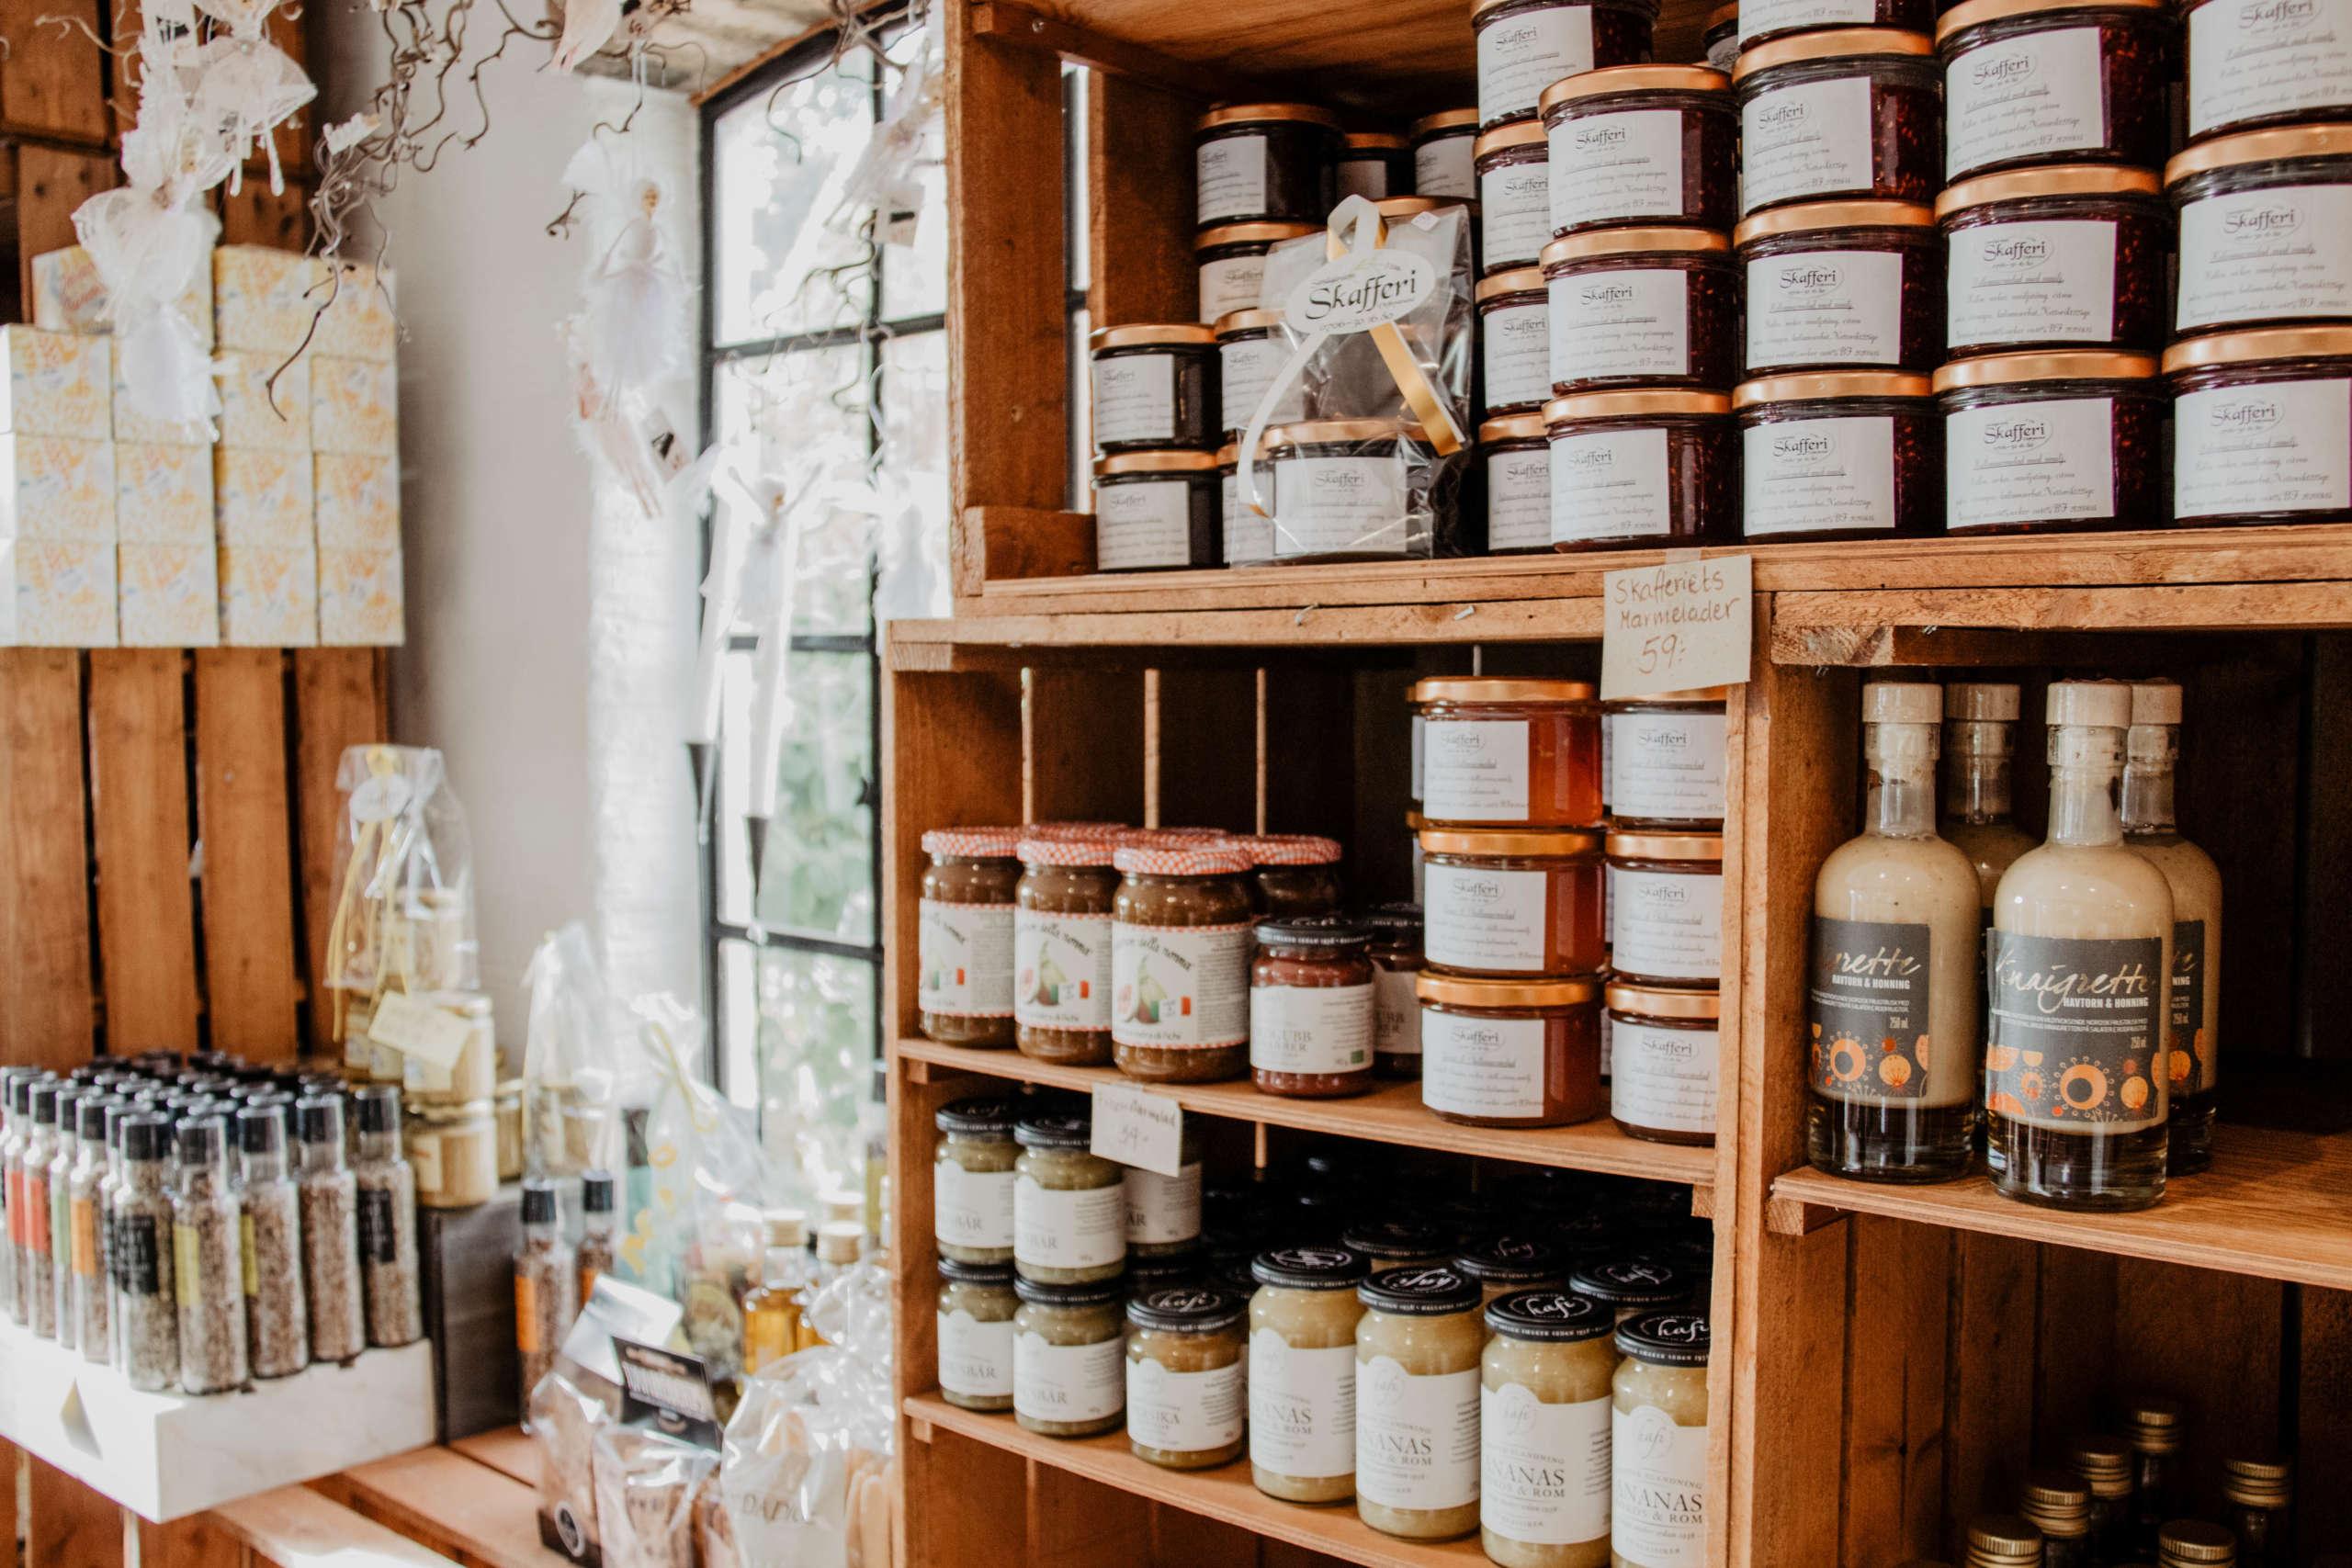 In einem aus vielen Weinkisten angerichteten Regal stehen allerlei Flaschen und Einmachgläser mit schwedischen Spezialitäten darin, auf der Anrichte daneben stehen Pfeffer- und Salzmühlen vor einem Fenster.